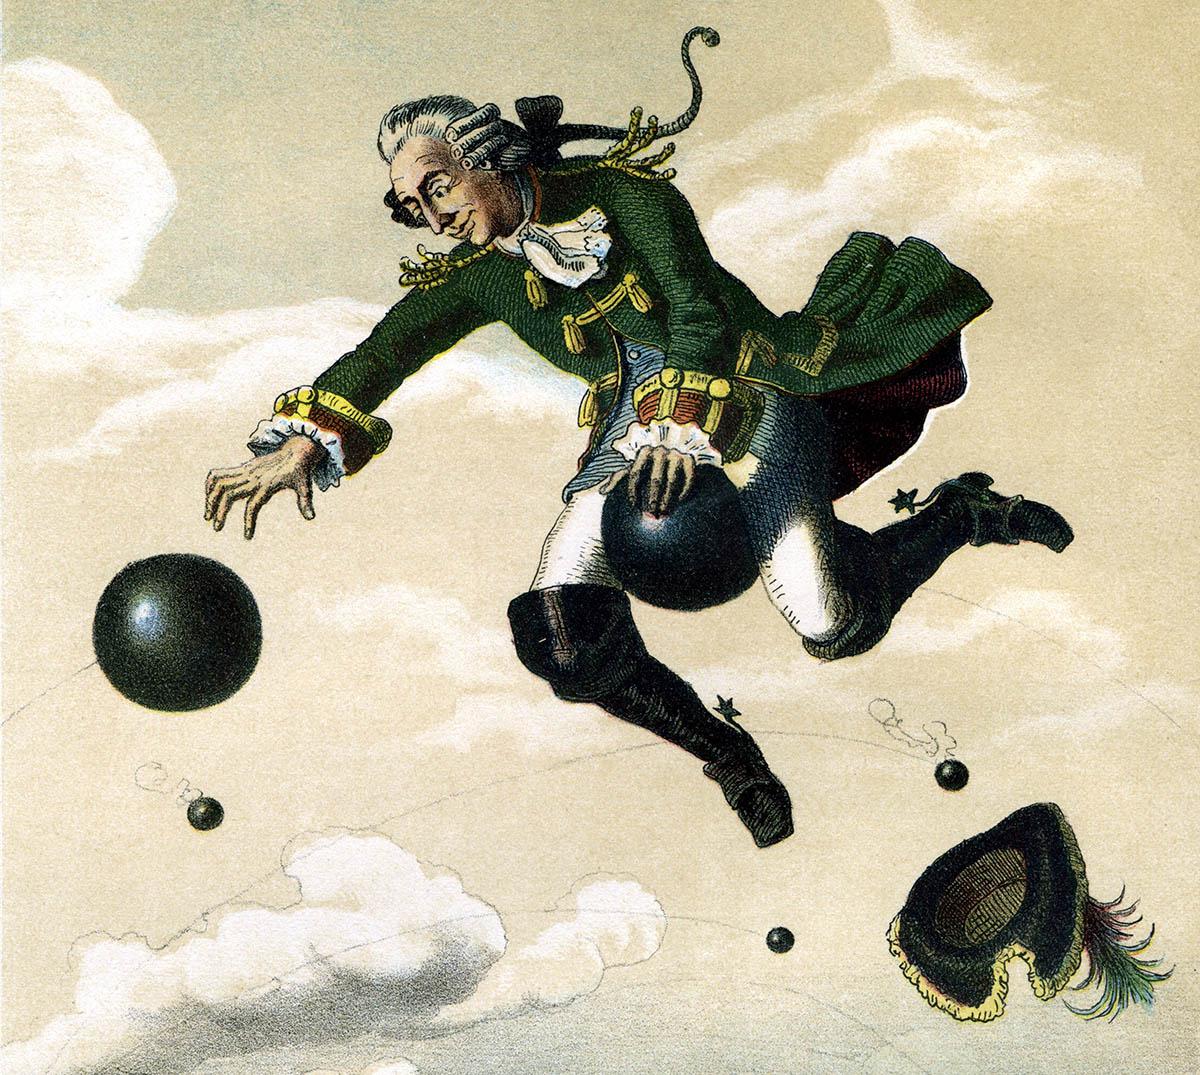 Baron von Münchhausen. Målning av August von Wille (1829–1887). Licens: public domain